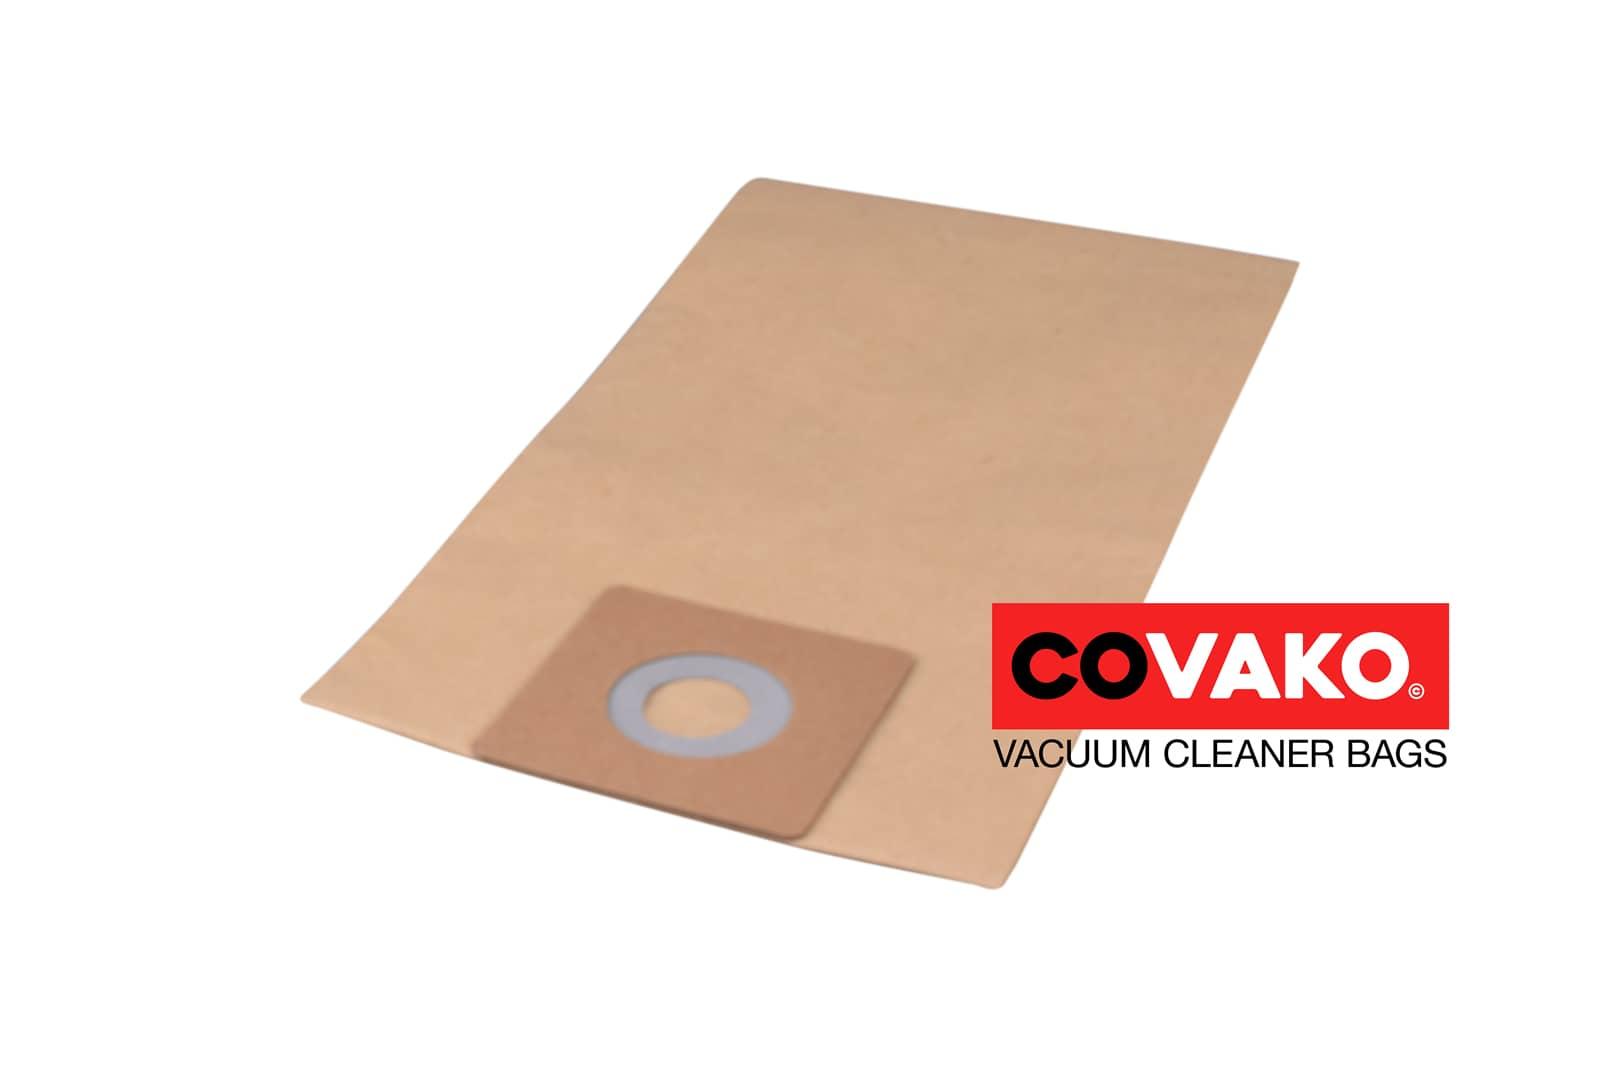 TMB Atom / Papier - TMB sacs d'aspirateur